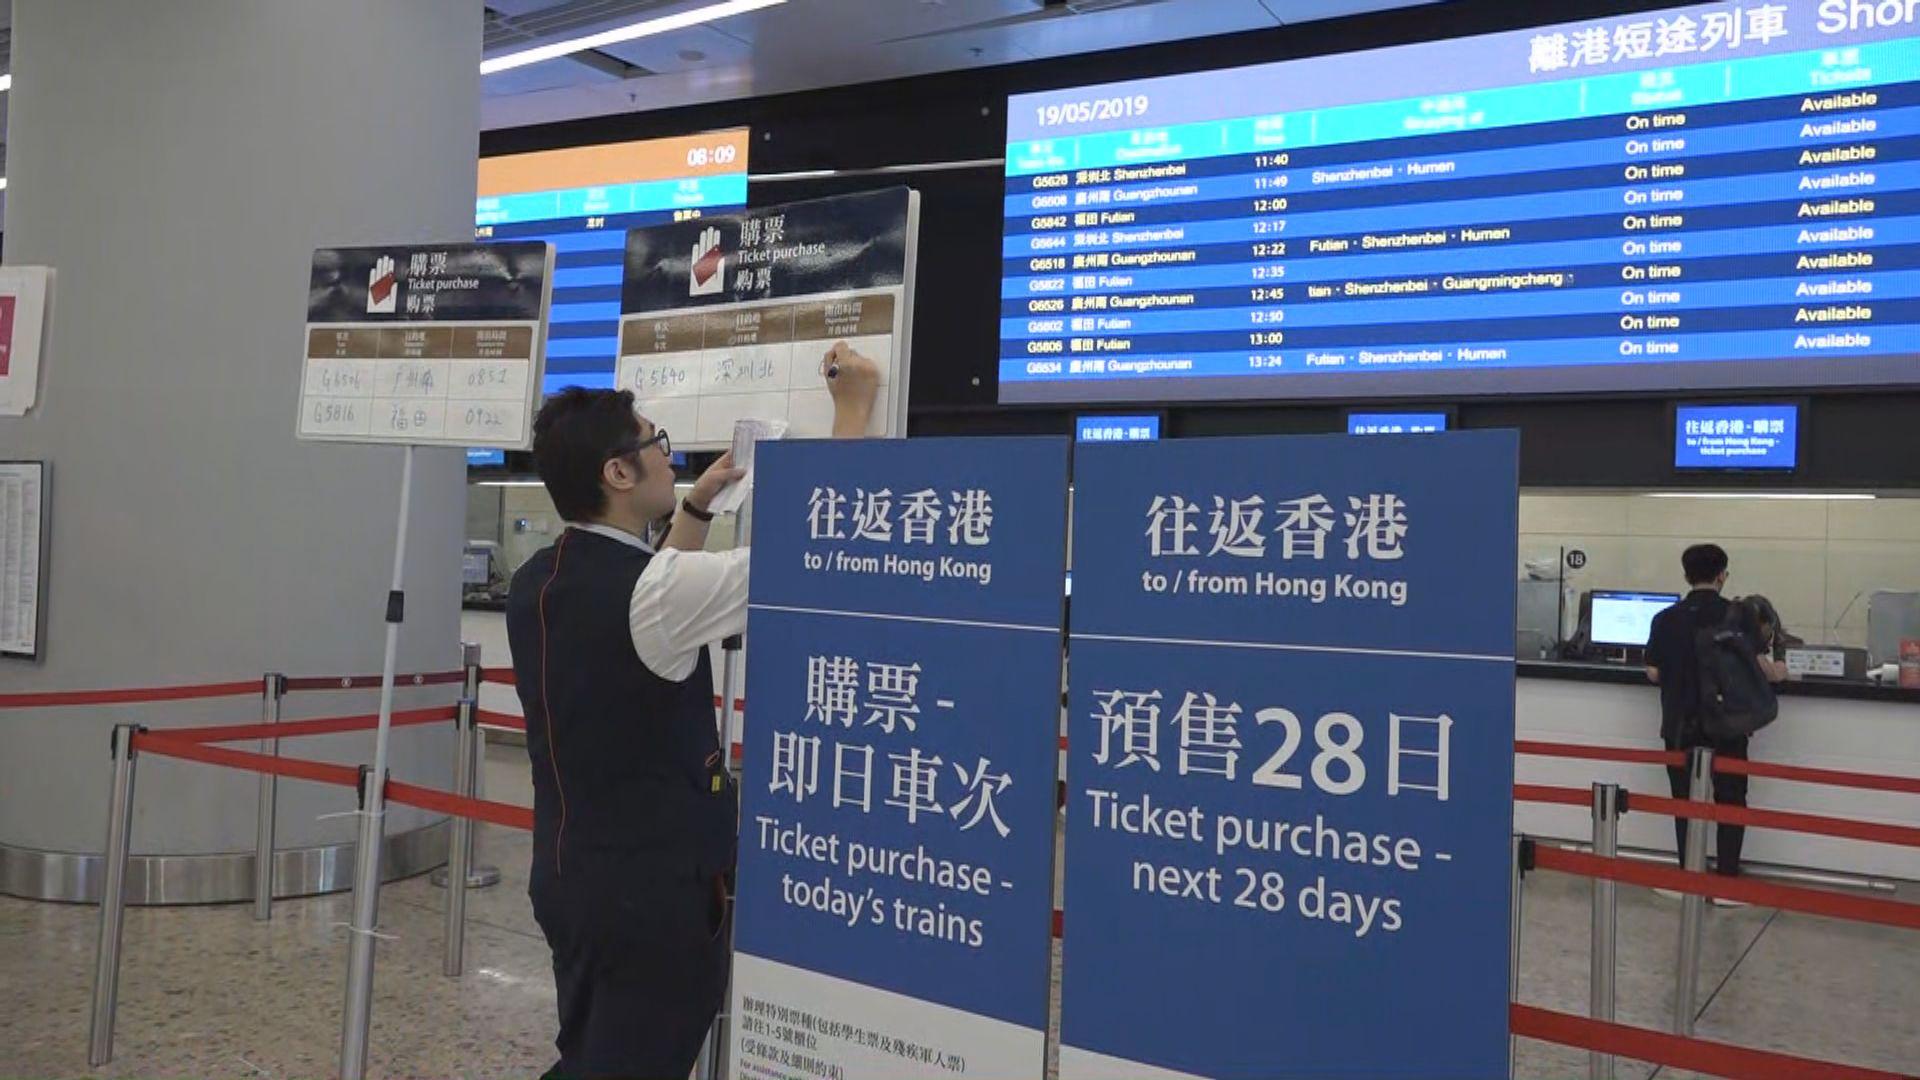 港鐵指內地網絡故障致一度暫停高鐵預售